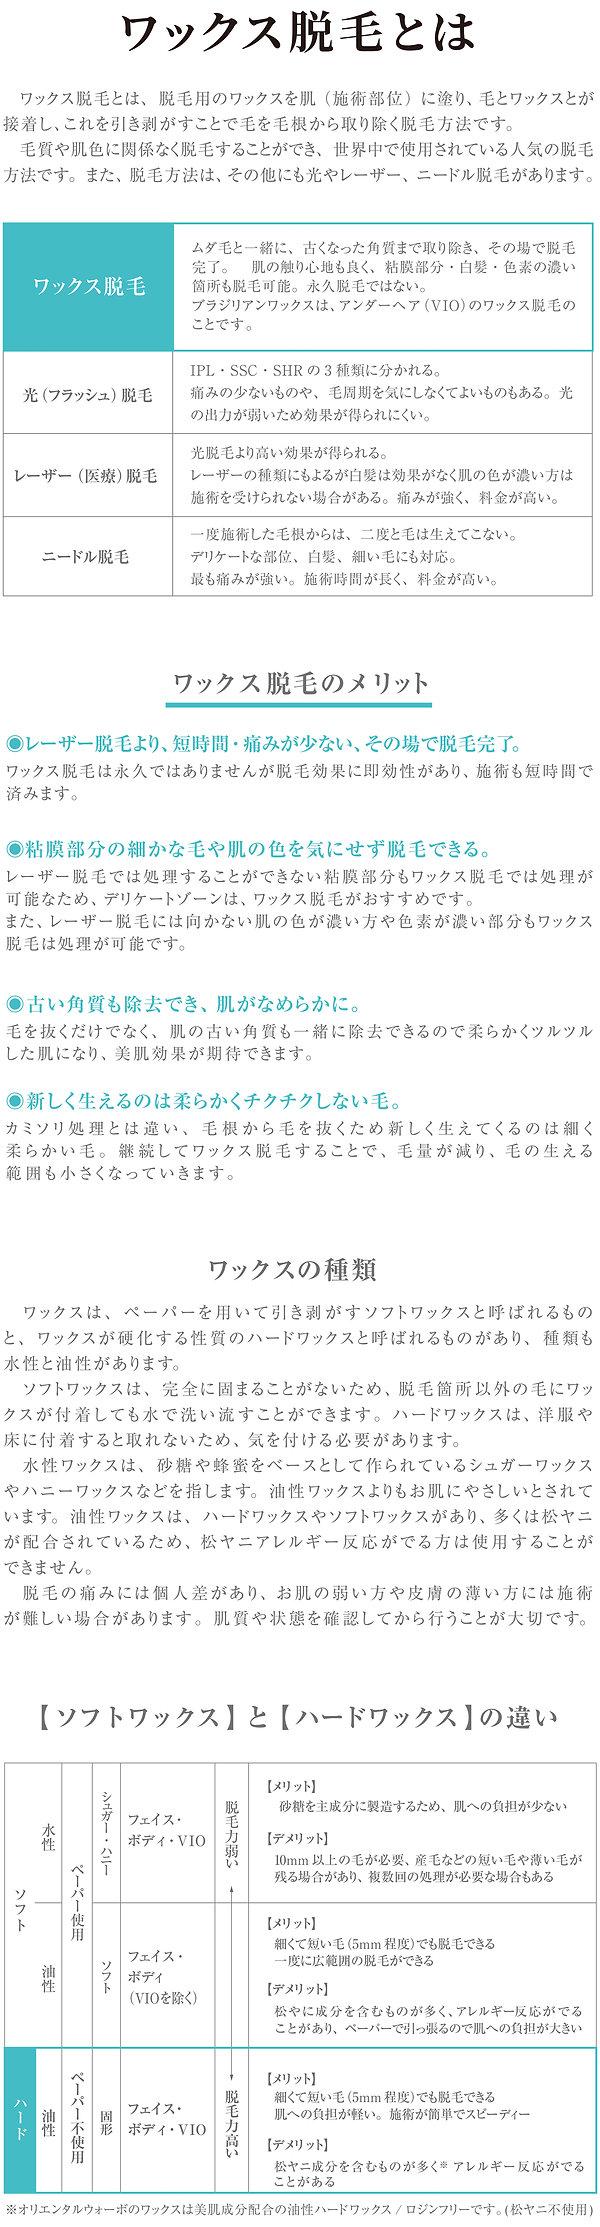 wax_info.jpg